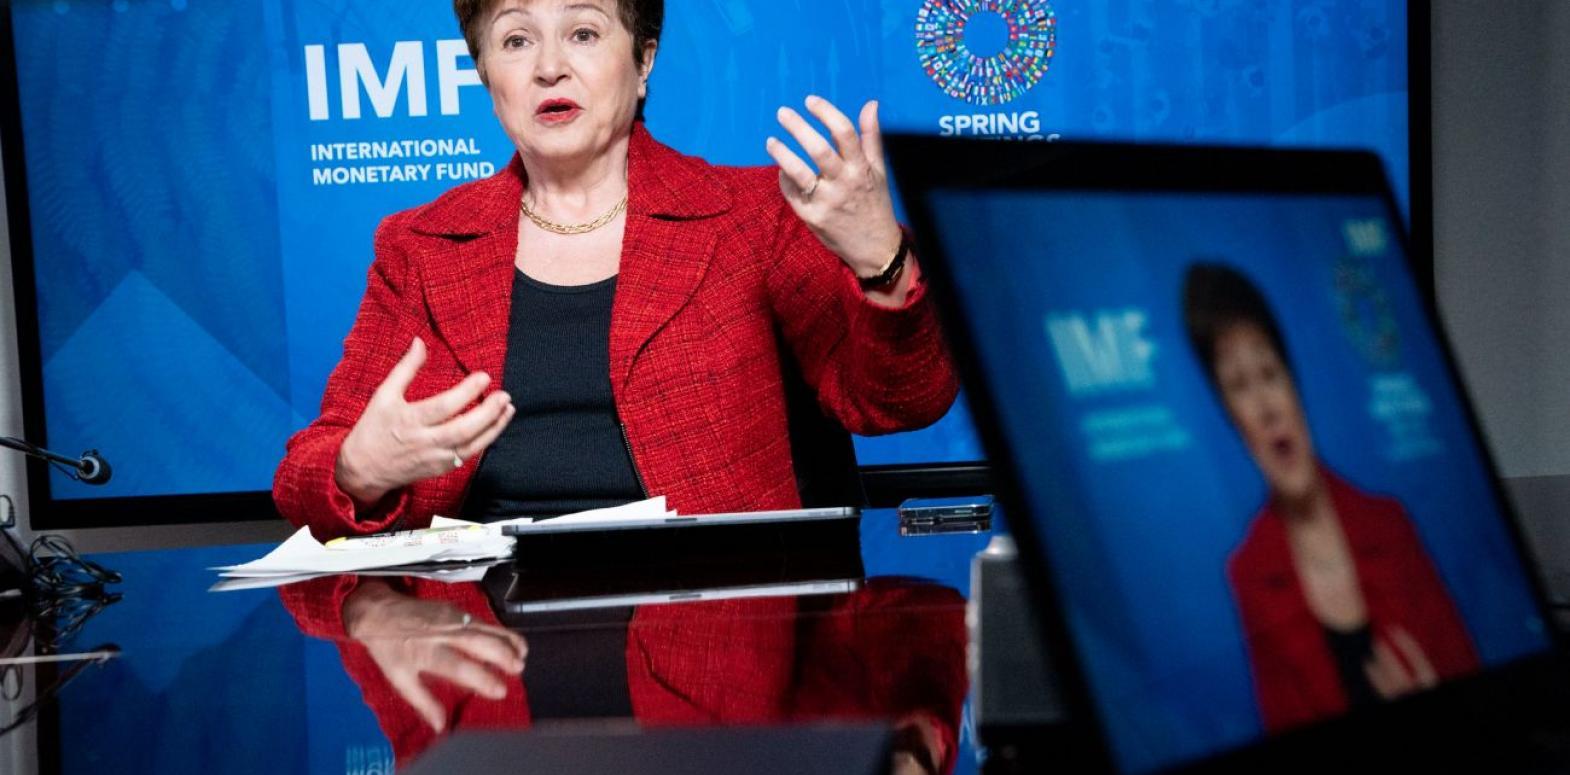 Скандал с Doing Business: главу МВФ обвинили в завышении рейтинга Китая